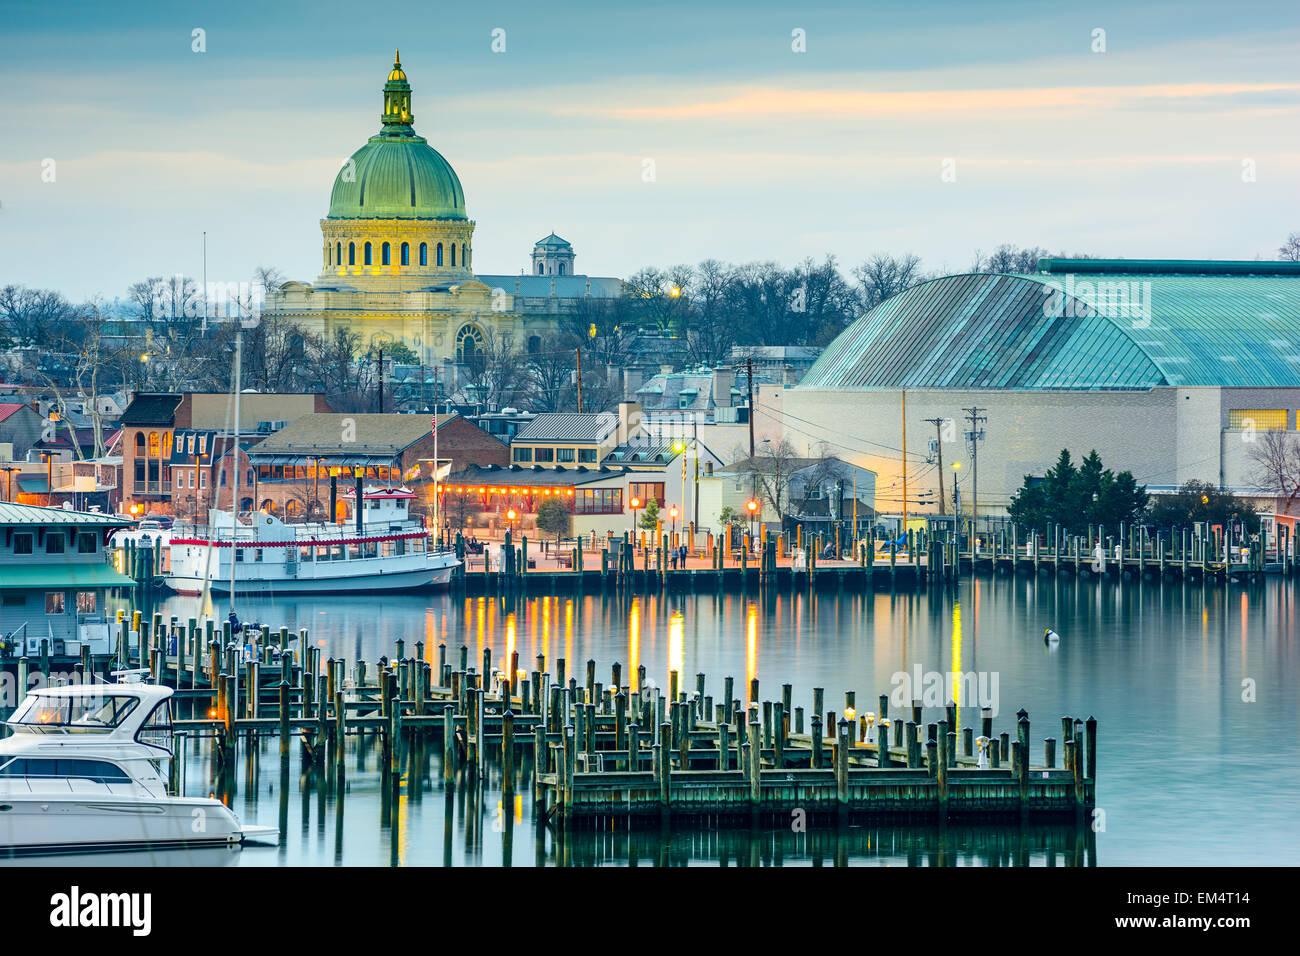 Annapolis, Maryland, USA Stadt Skyline an der Chesapeake Bay mit der United States Naval Academy Kapelle Kuppel. Stockbild